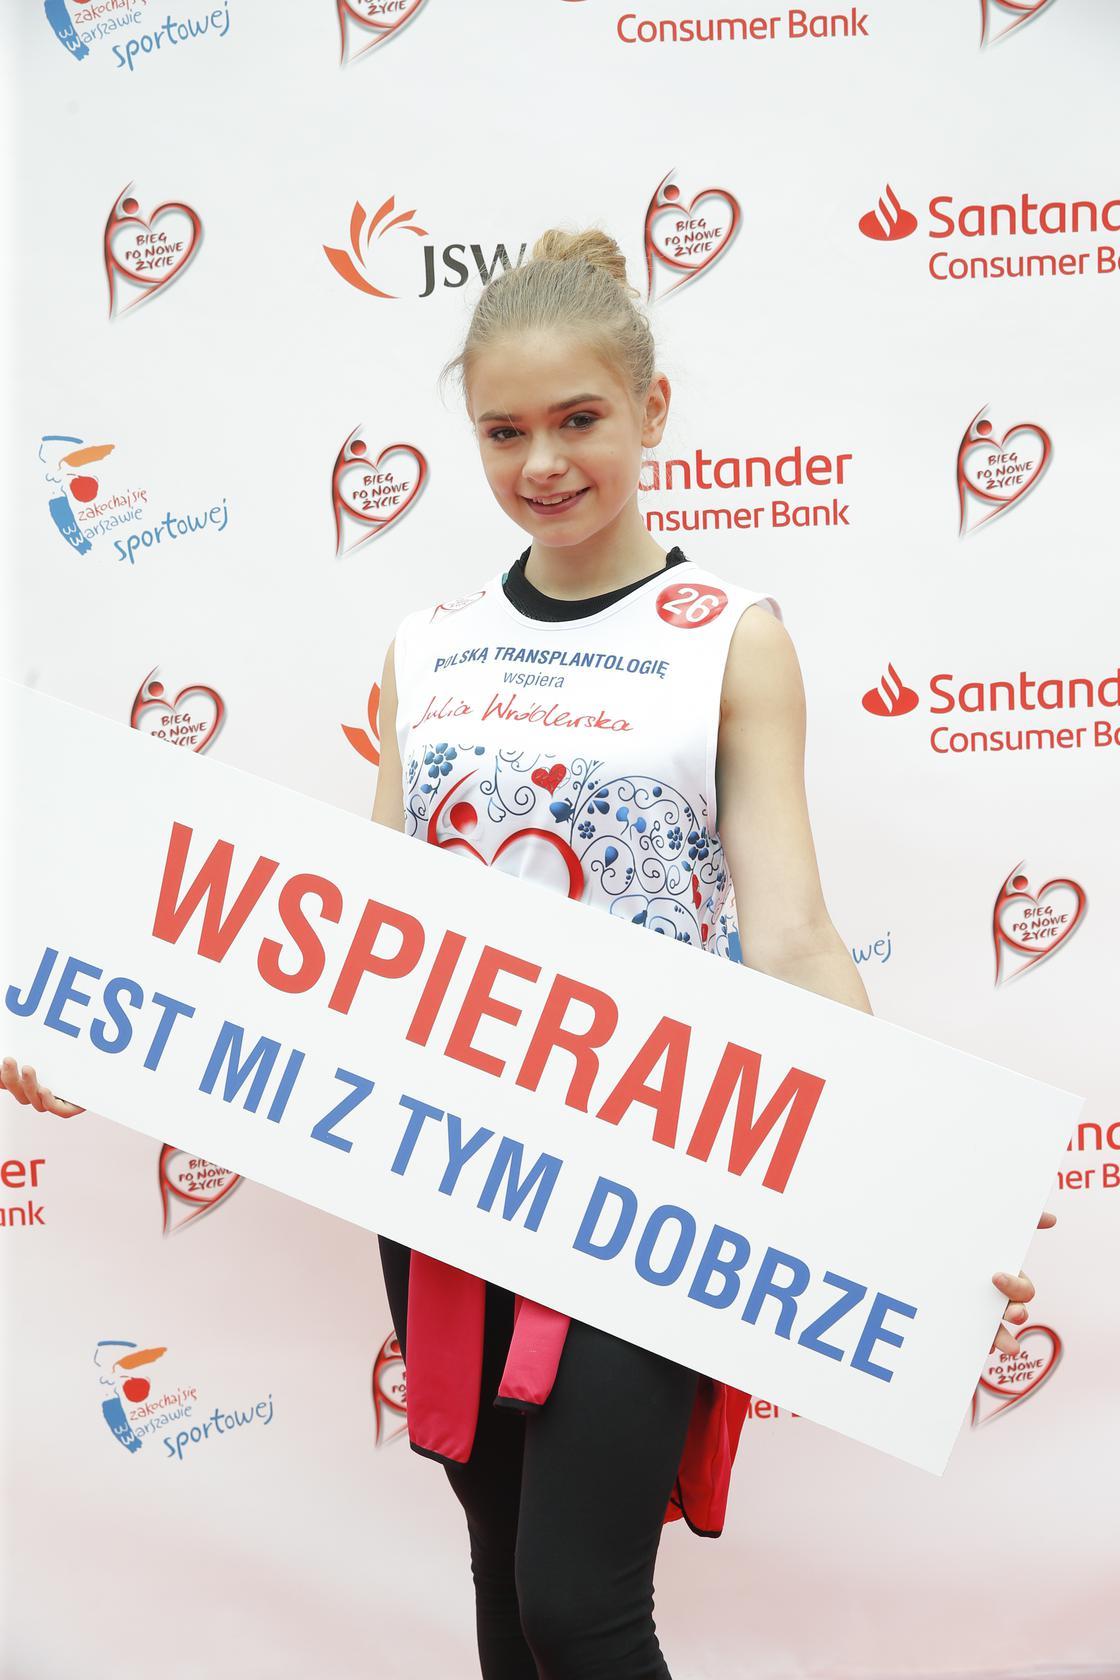 BlogStar: Pobiegli po nowe życie - BlogStar.pl